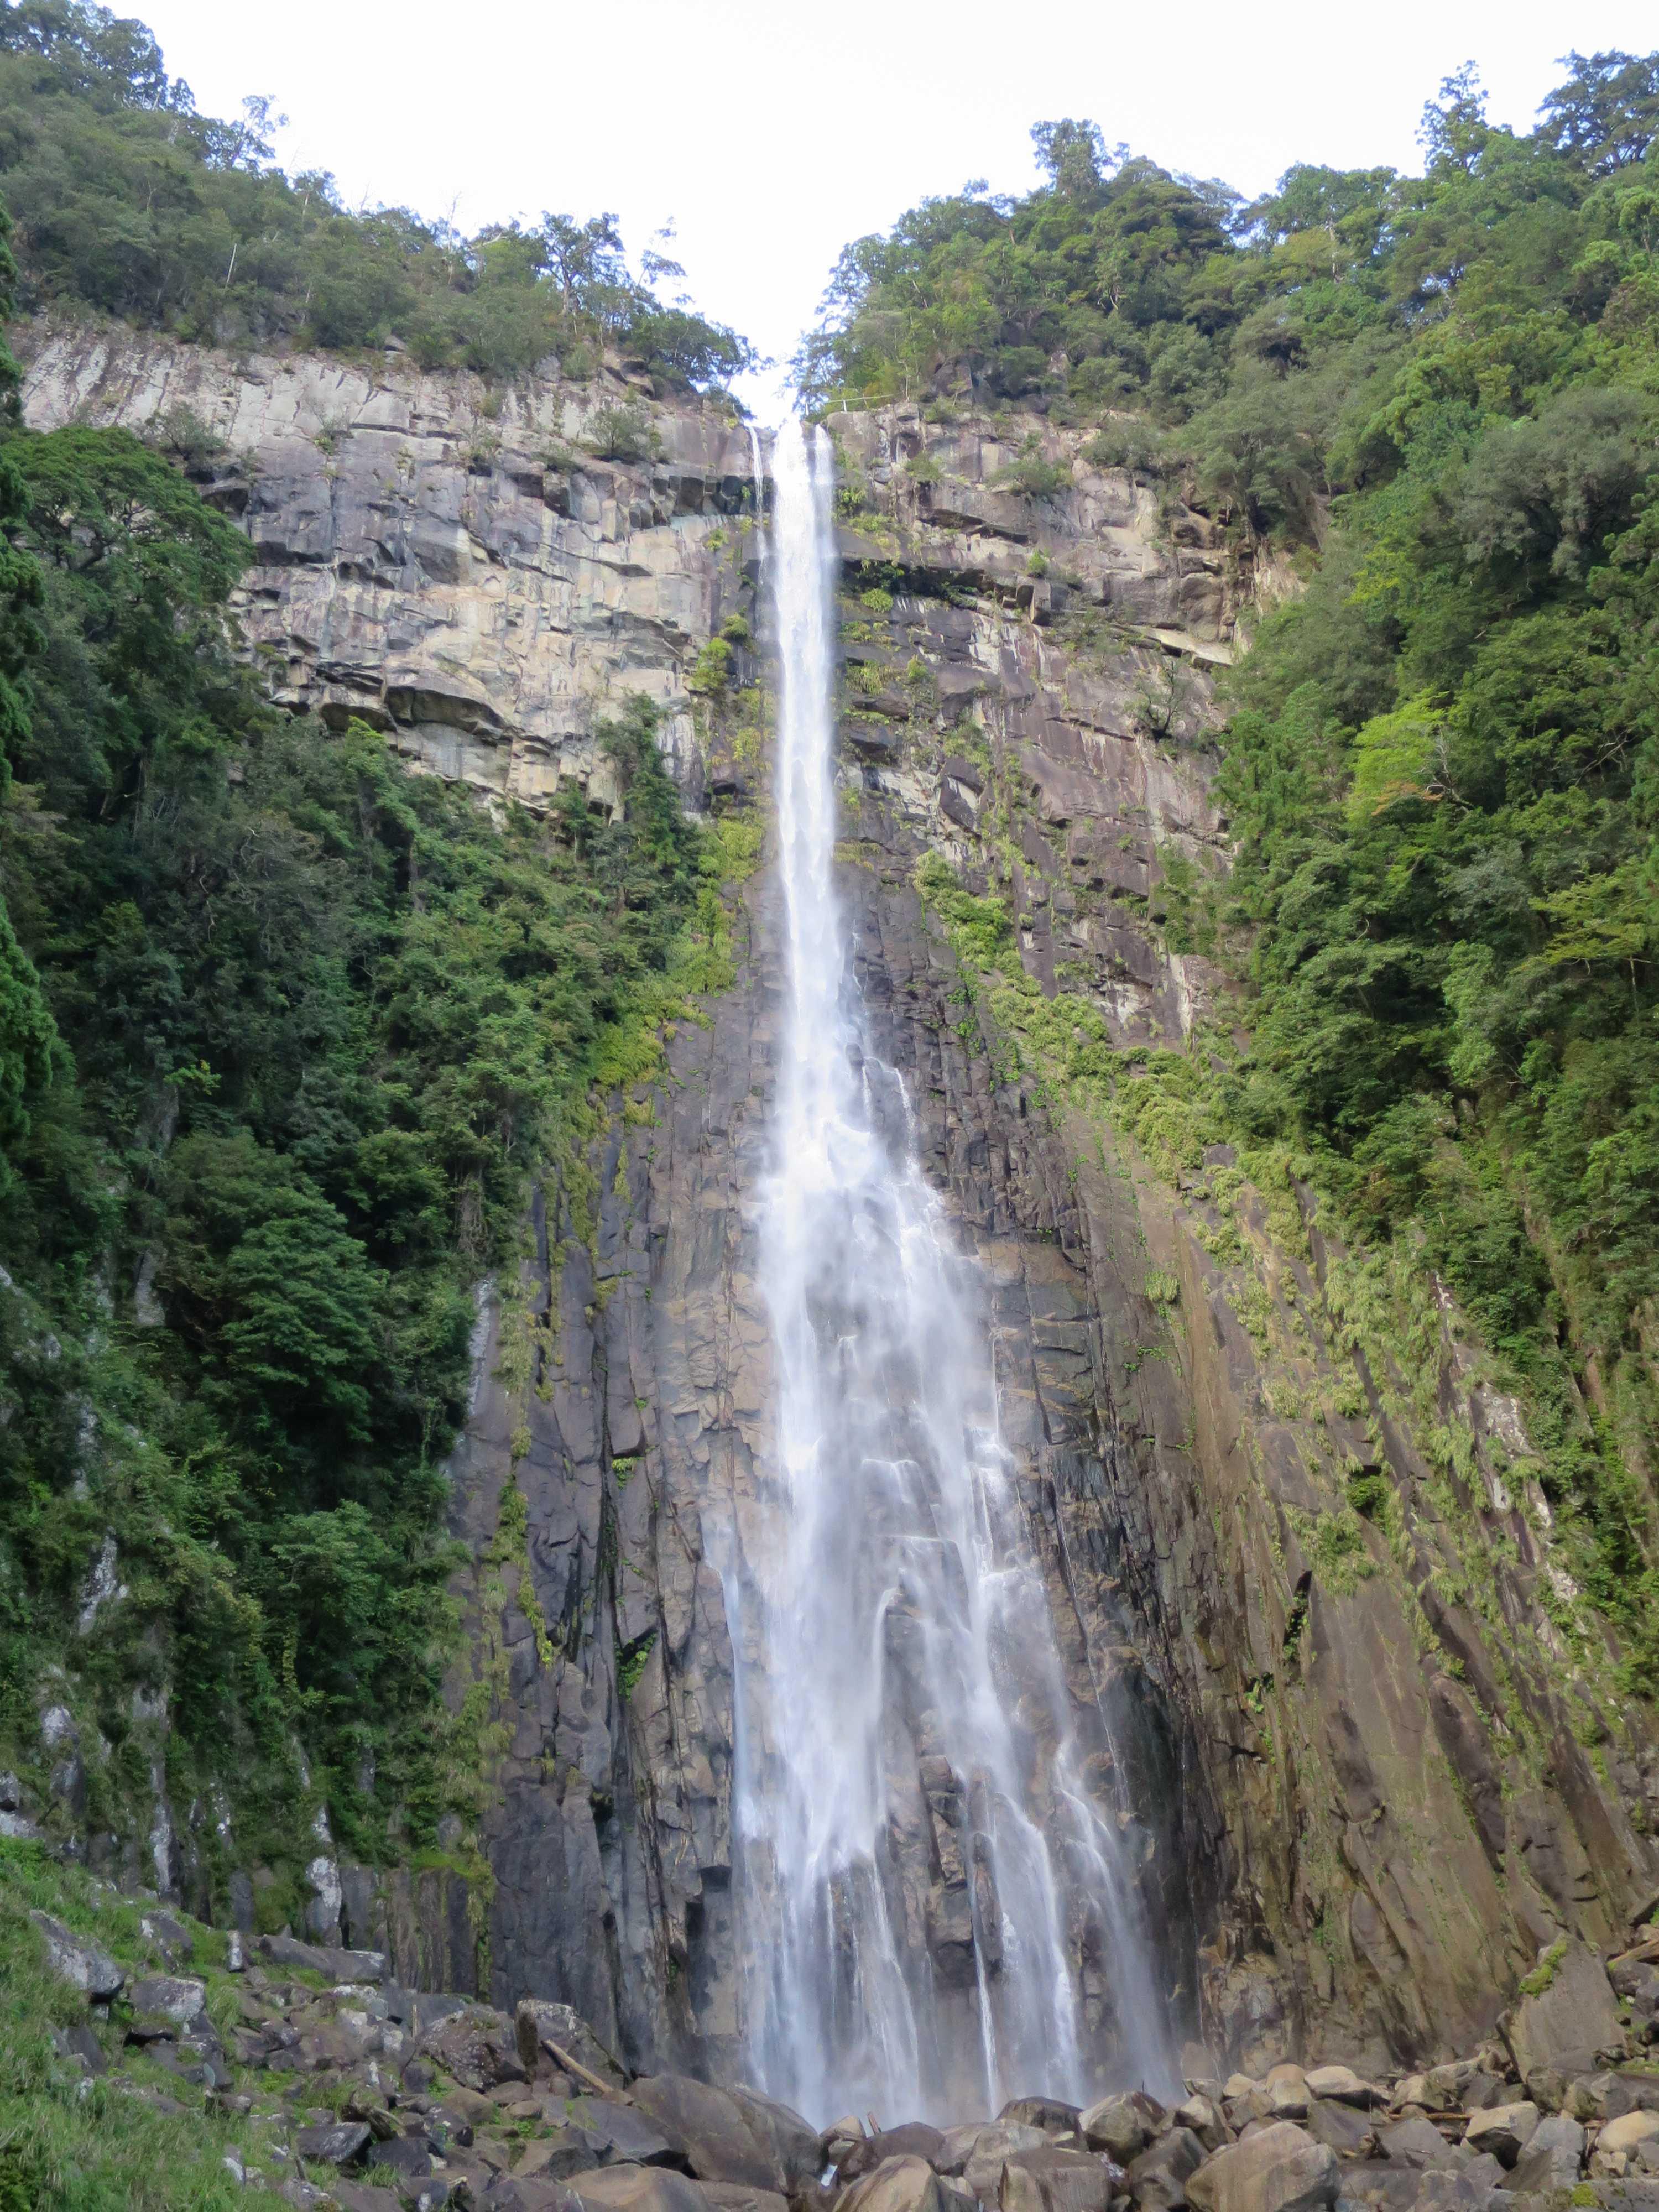 那智大滝(那智の滝)は飛瀧神社のご神体